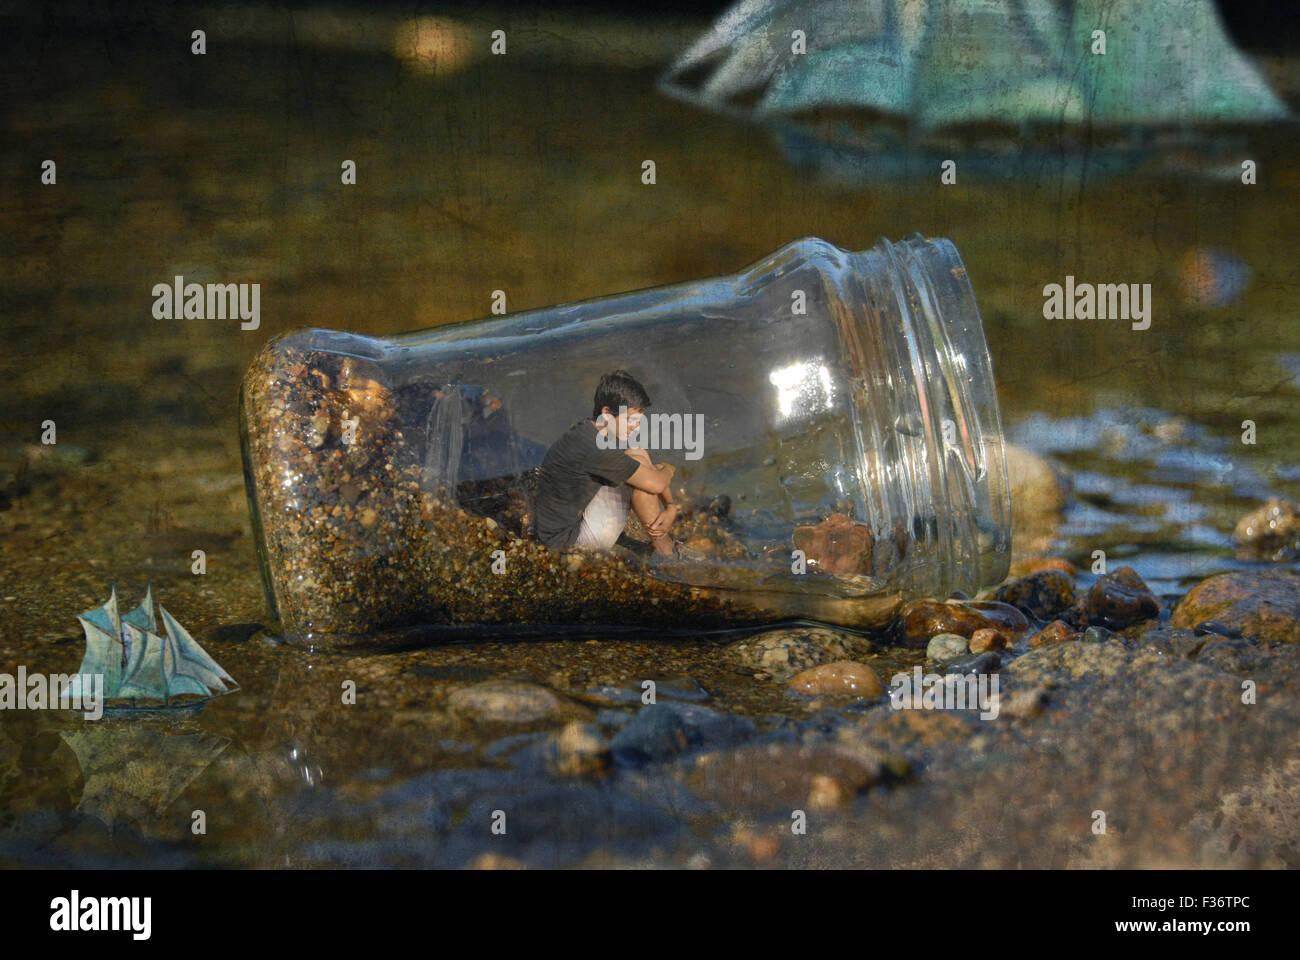 Niño dentro de una botella grande en medio del agua Imagen De Stock